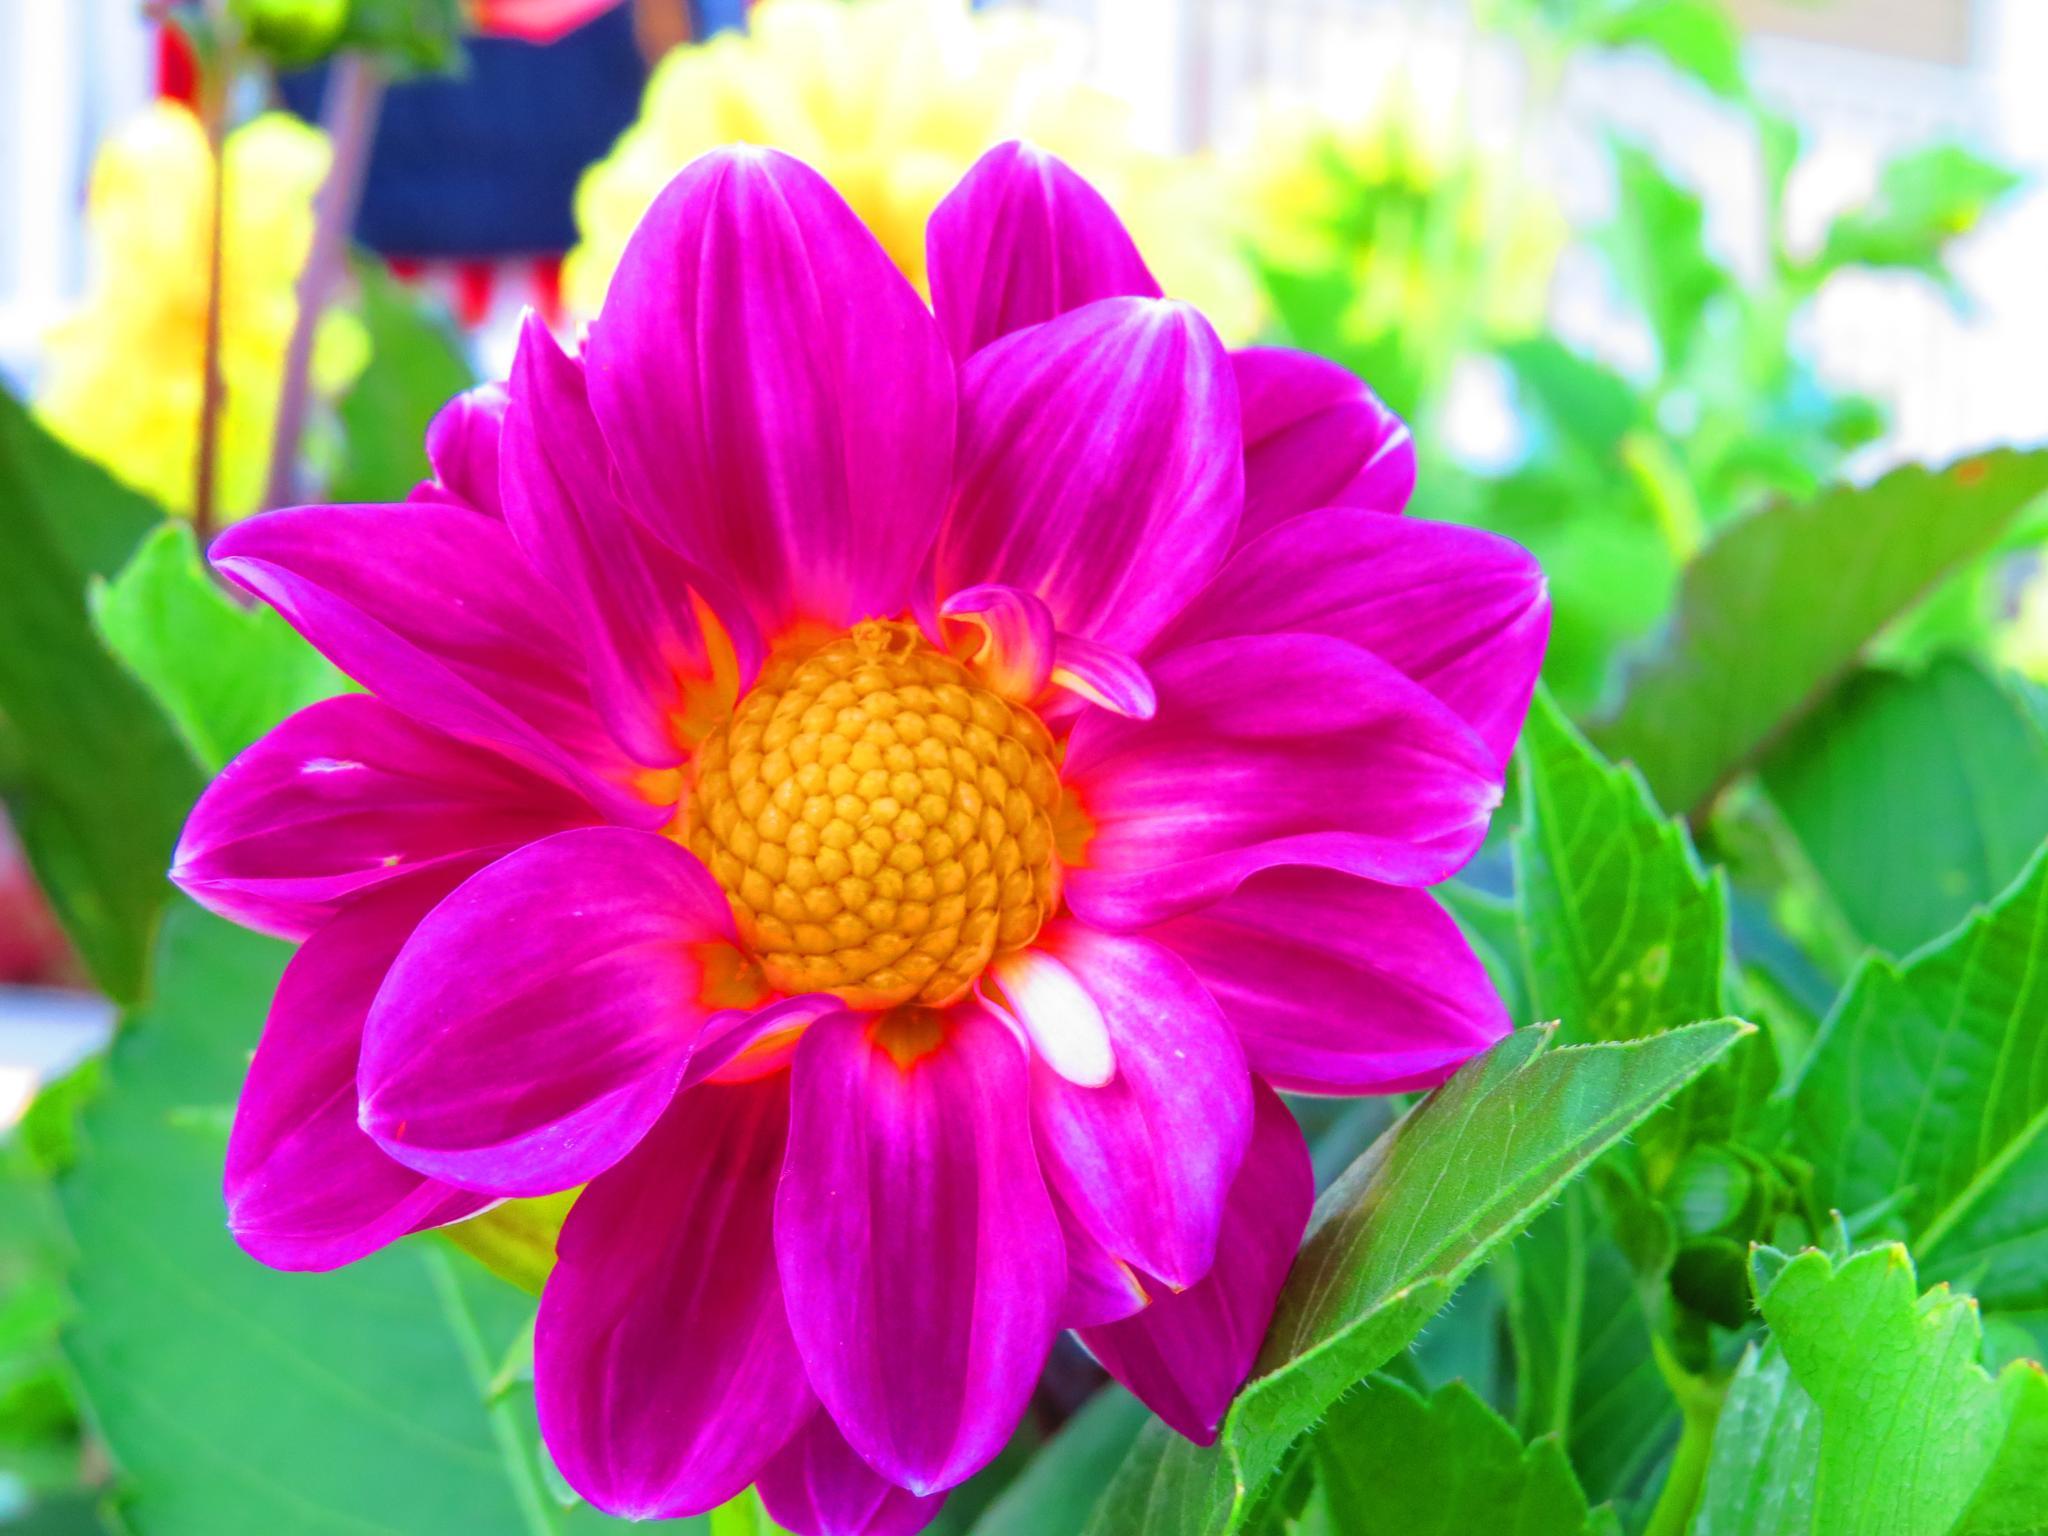 Flower by Becky Krug